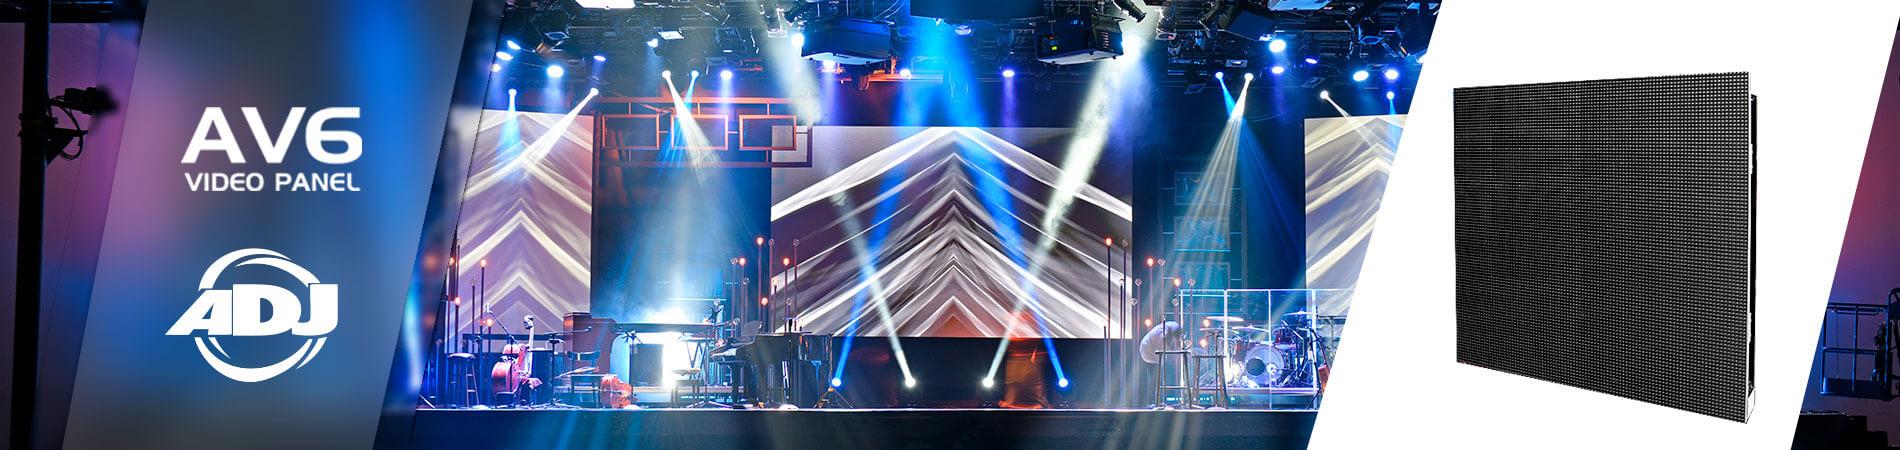 AV6 Video Panel - Audioluces